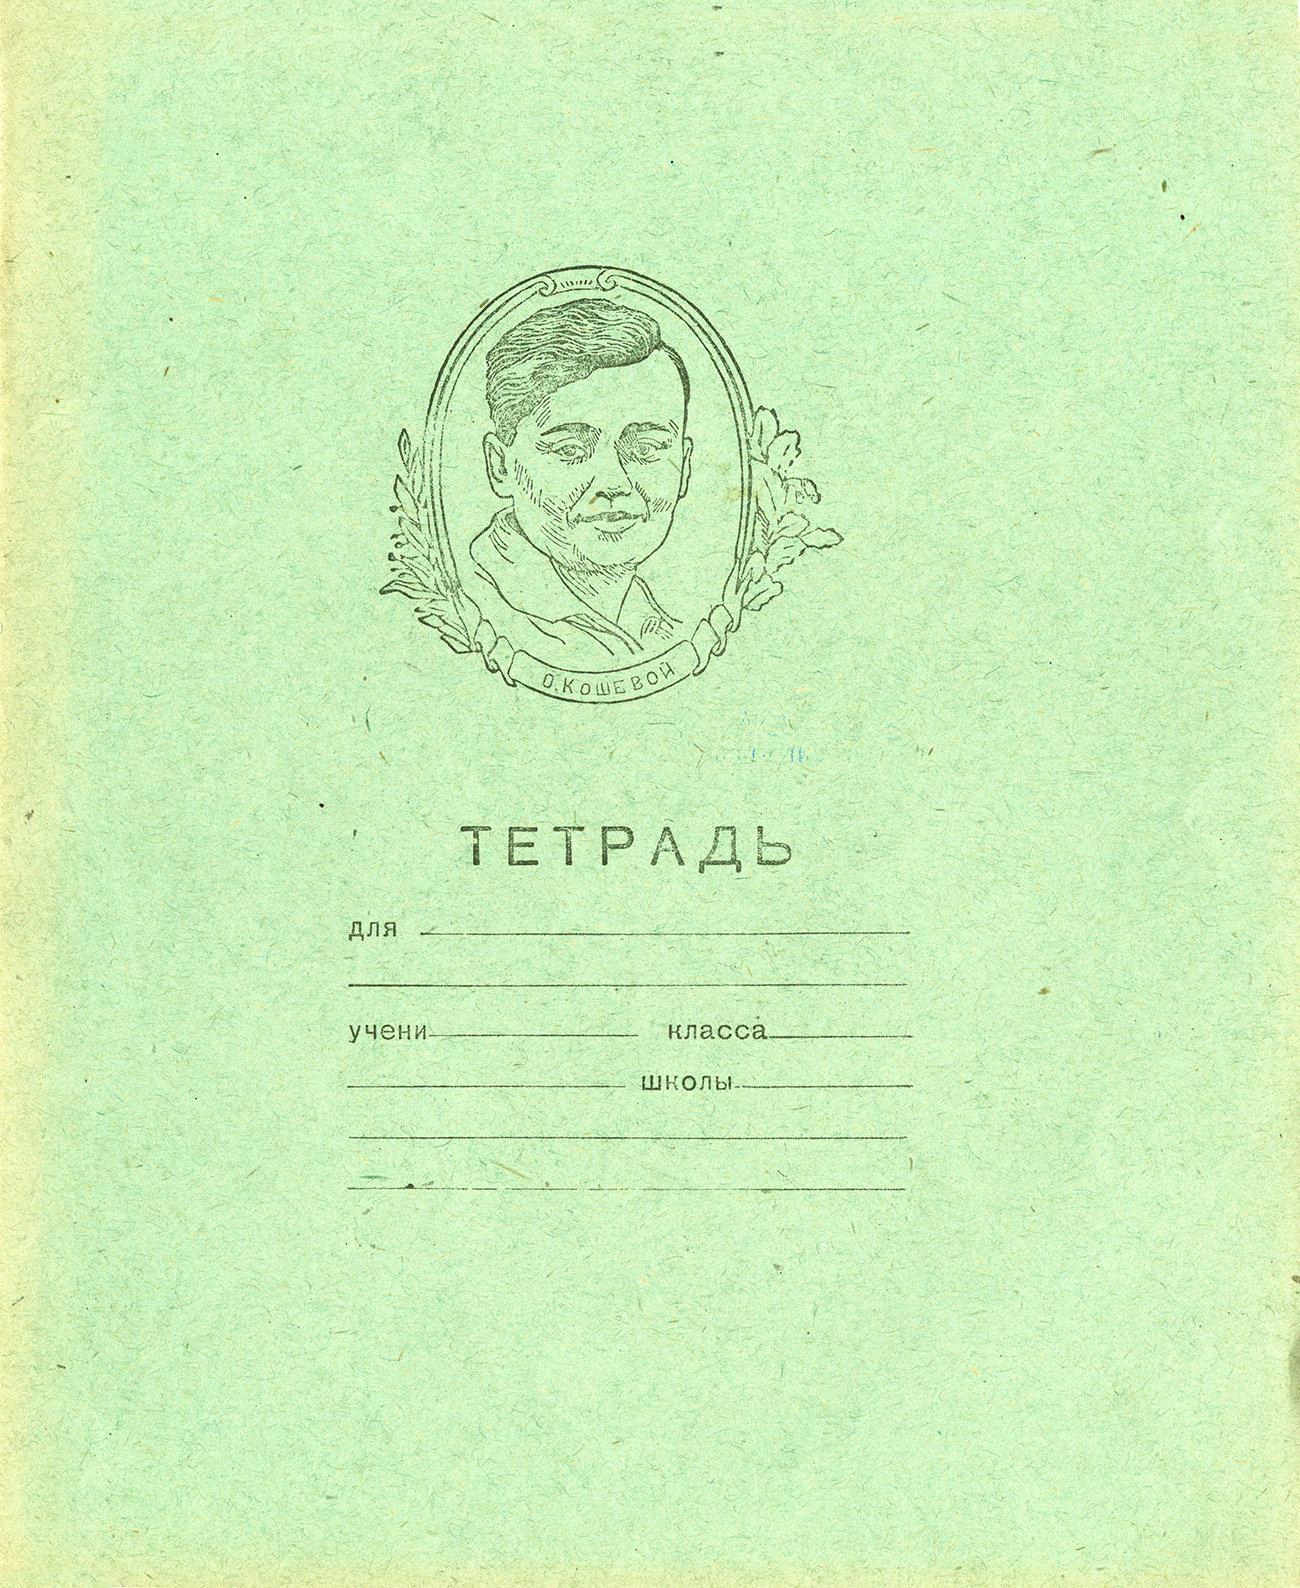 Тетрадь Олег Кошевой, 1961